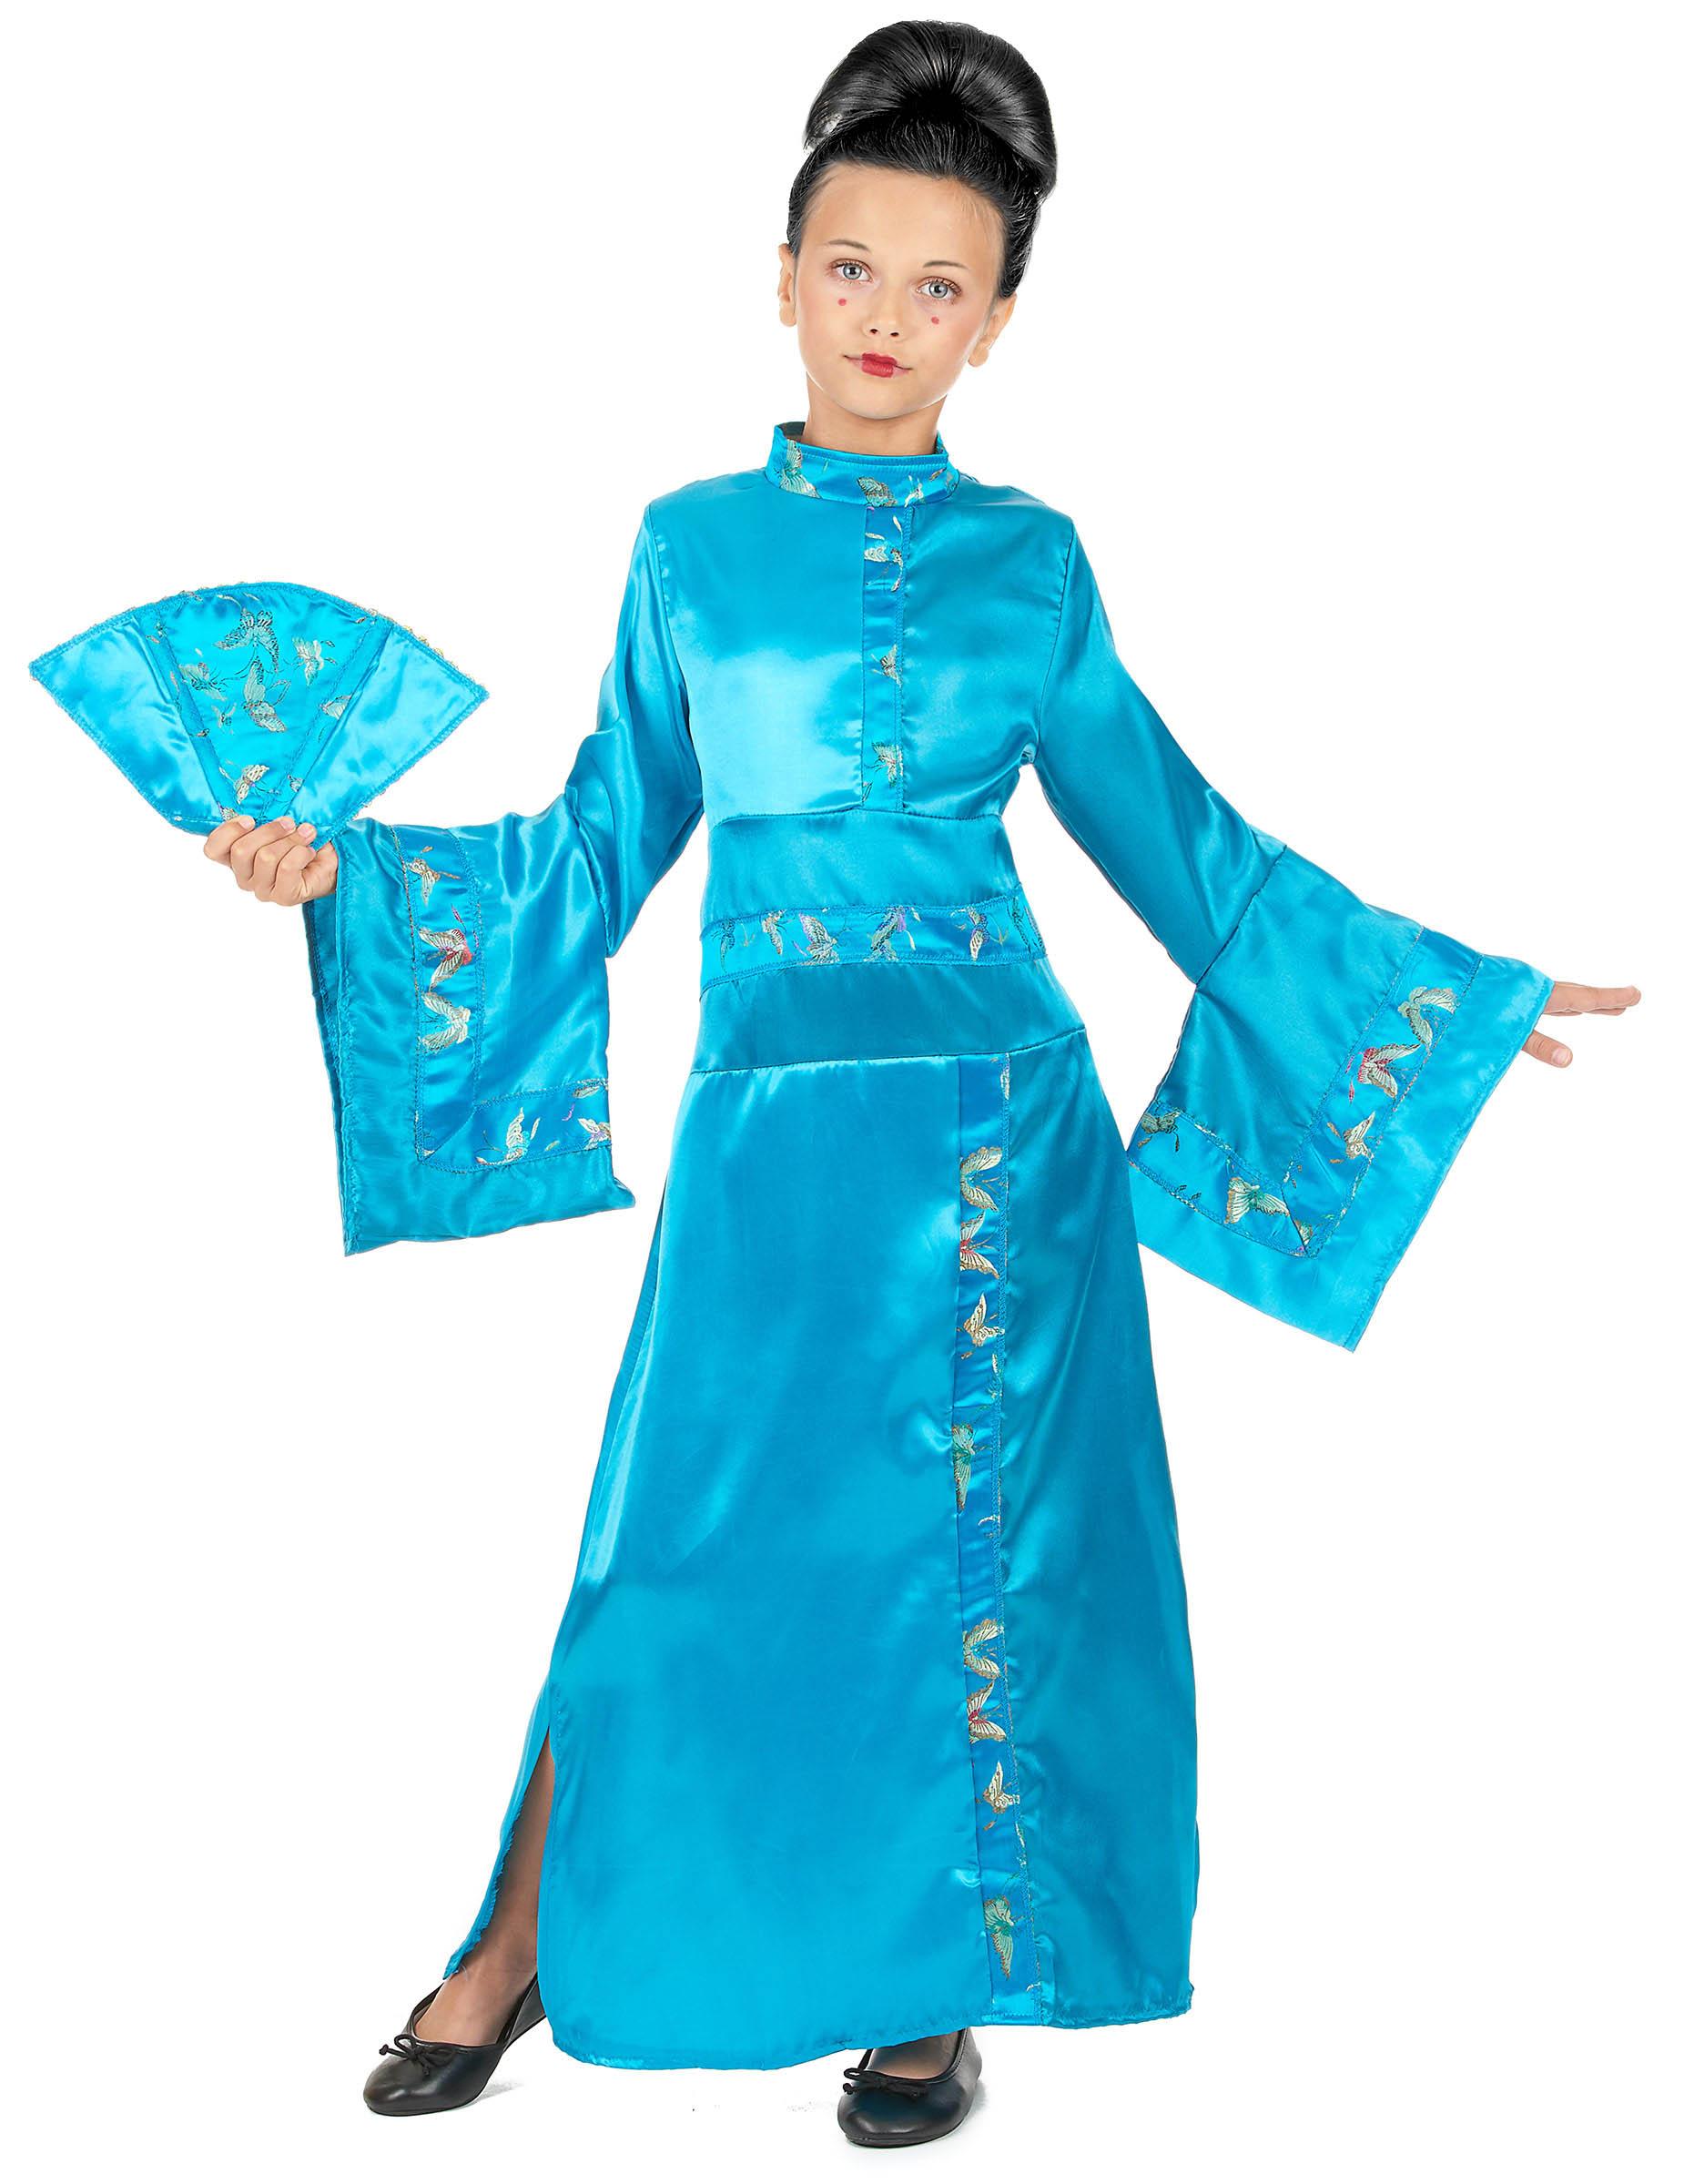 Disfraz De Geisha Azul Cielo Para Niña Disfraces Niños Y Disfraces Originales Baratos Vegaoo